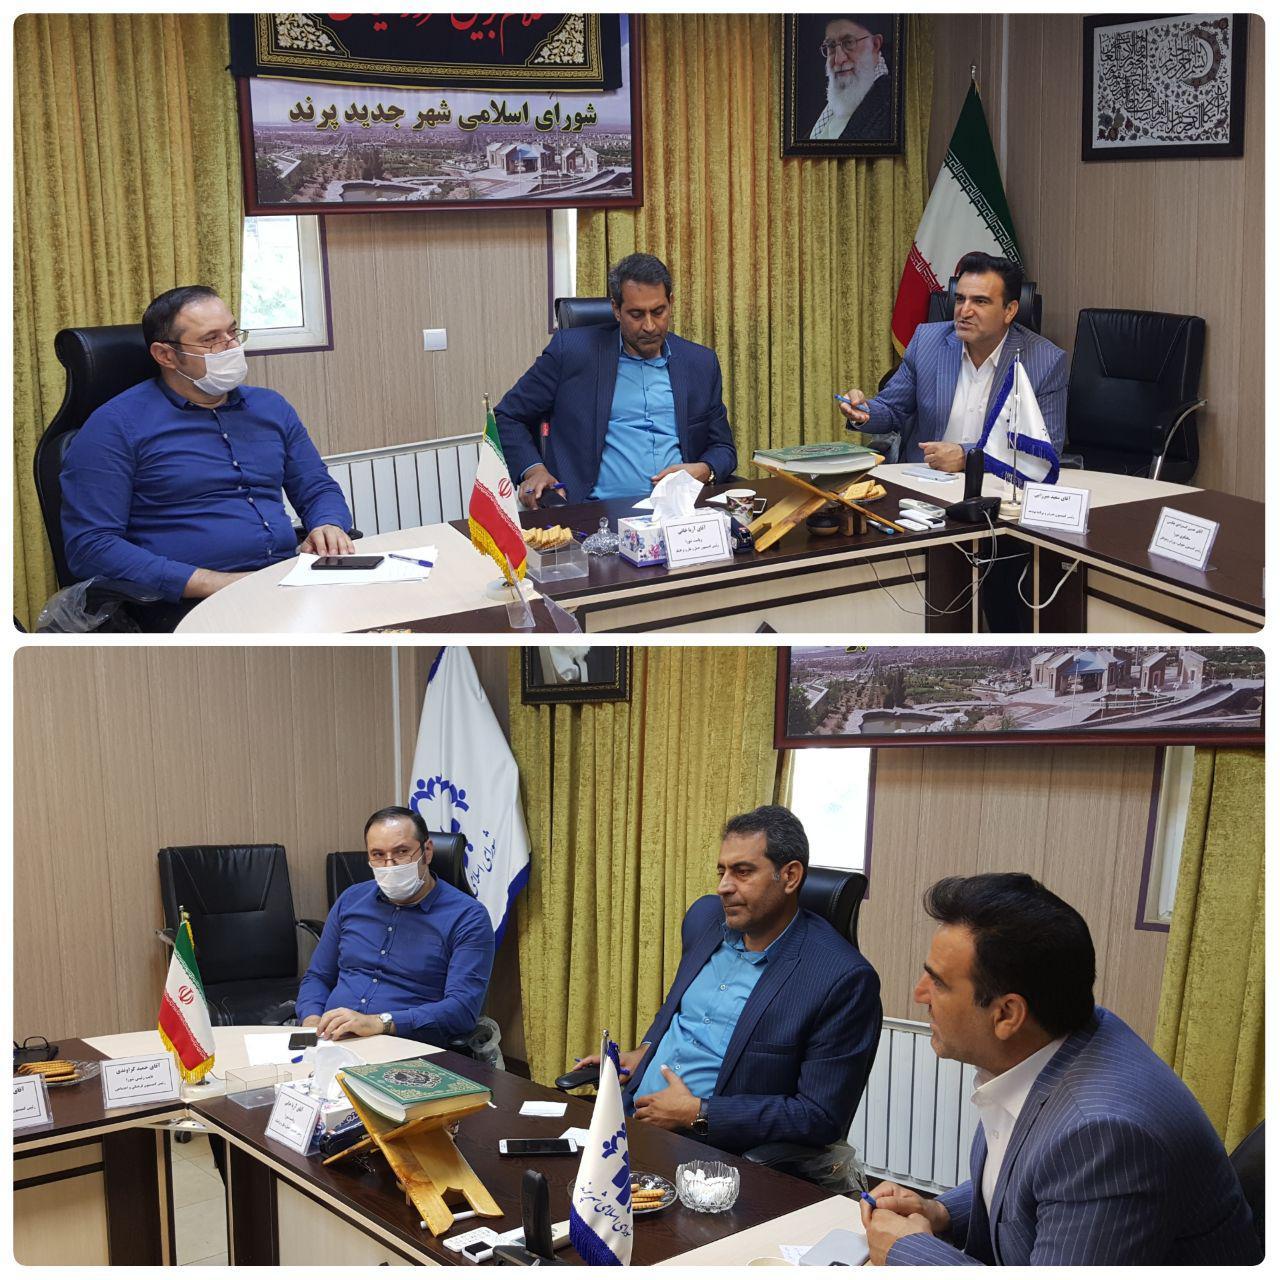 برگزاری جلسه کمیسیون اقتصاد و سرمایه گذاری شورای اسلامی شهر پرند